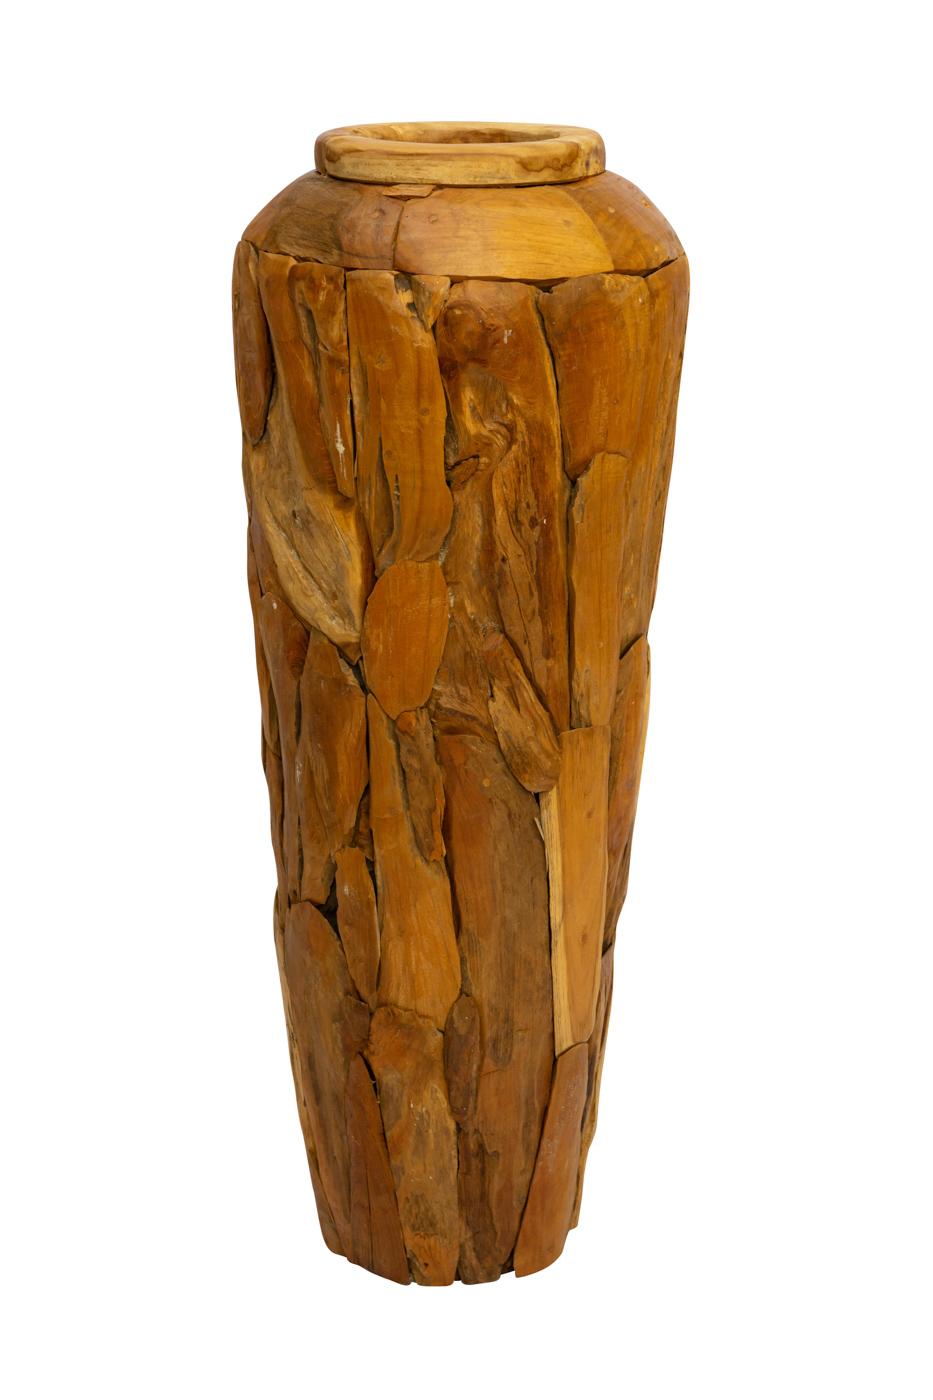 Erosi floor vase in recycled teak wood, 120 Cm